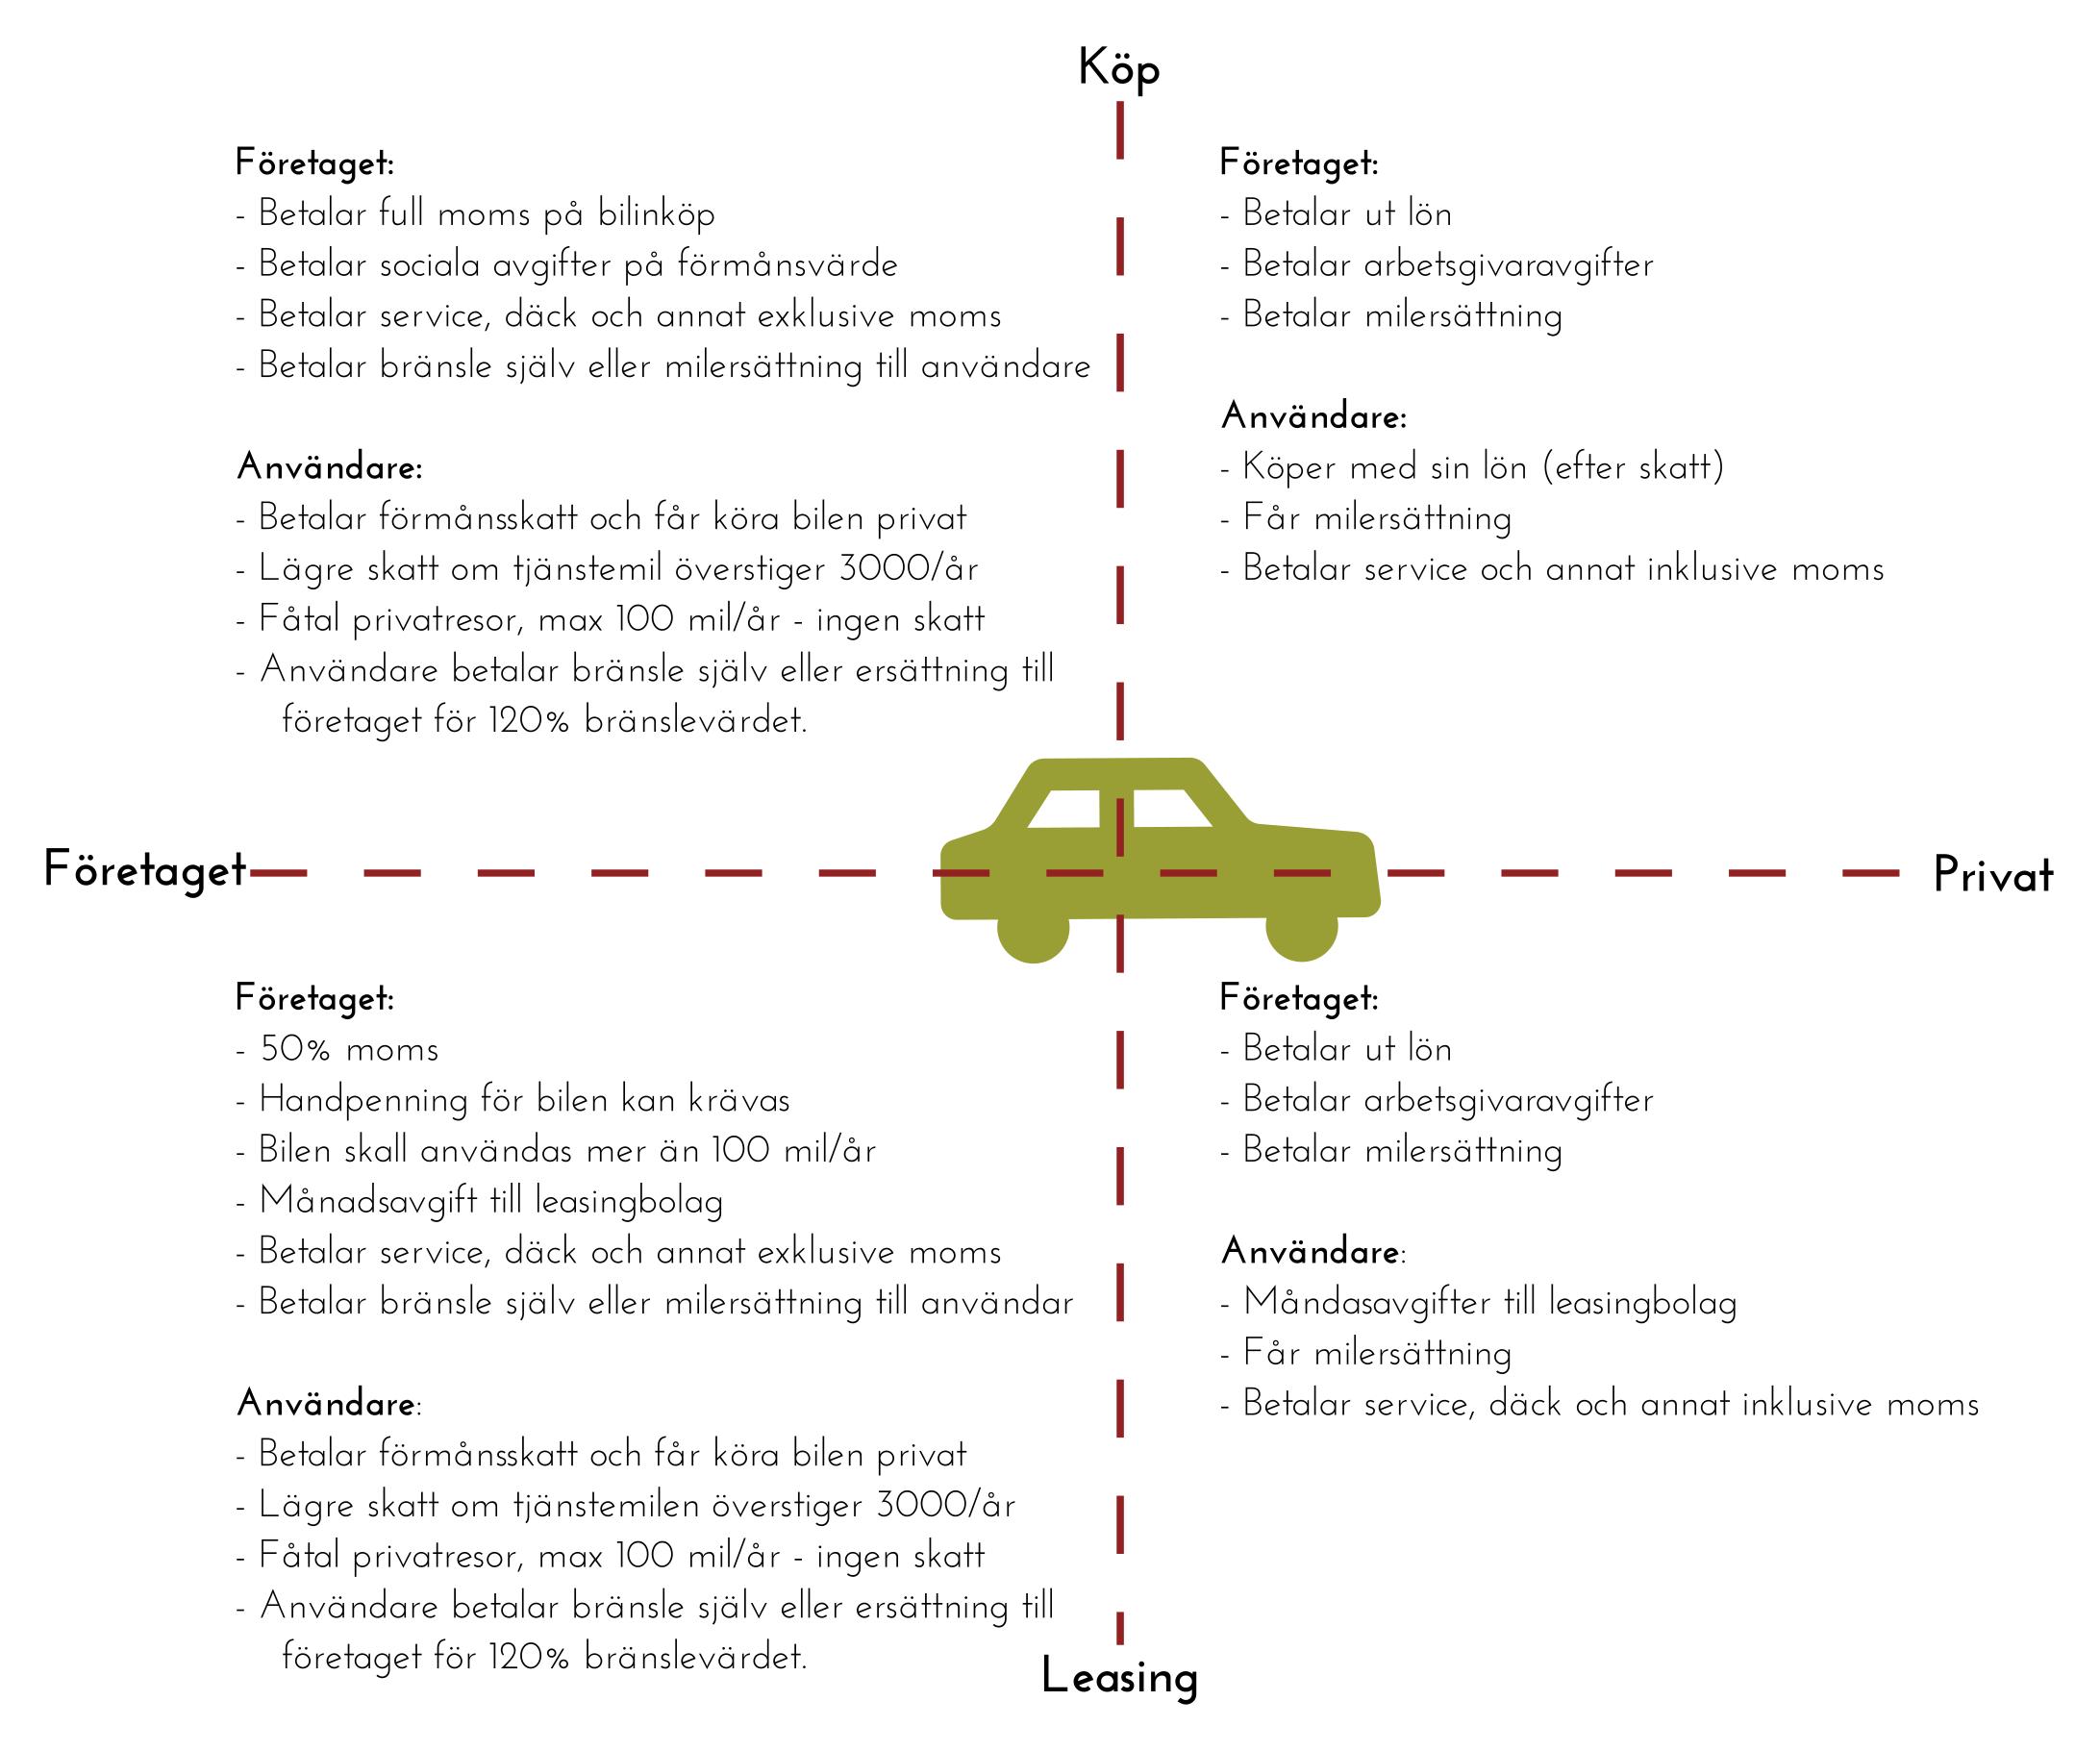 Matris över att köpa/leasa bil privat eller i företaget